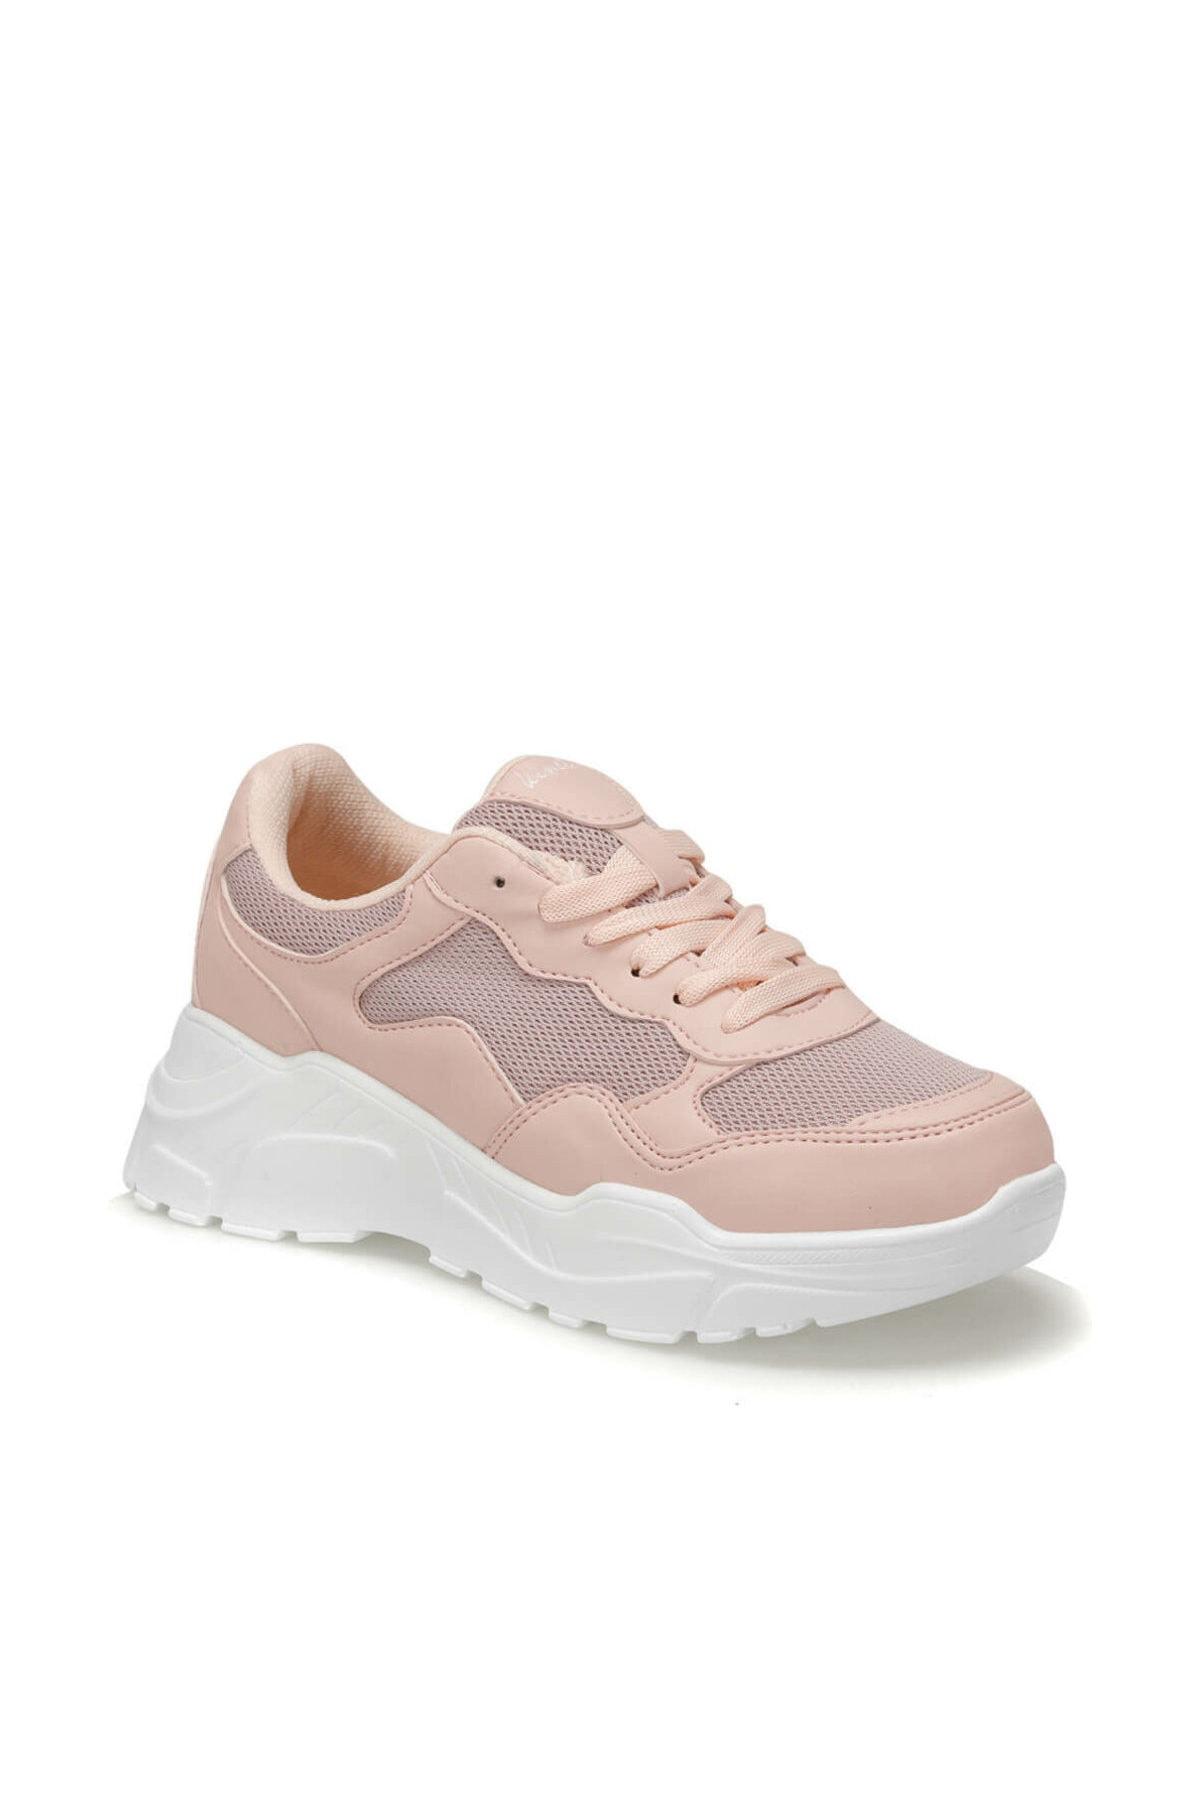 Kinetix BAMBA 9PR Pembe Kadın Ayakkabı 100418786 1